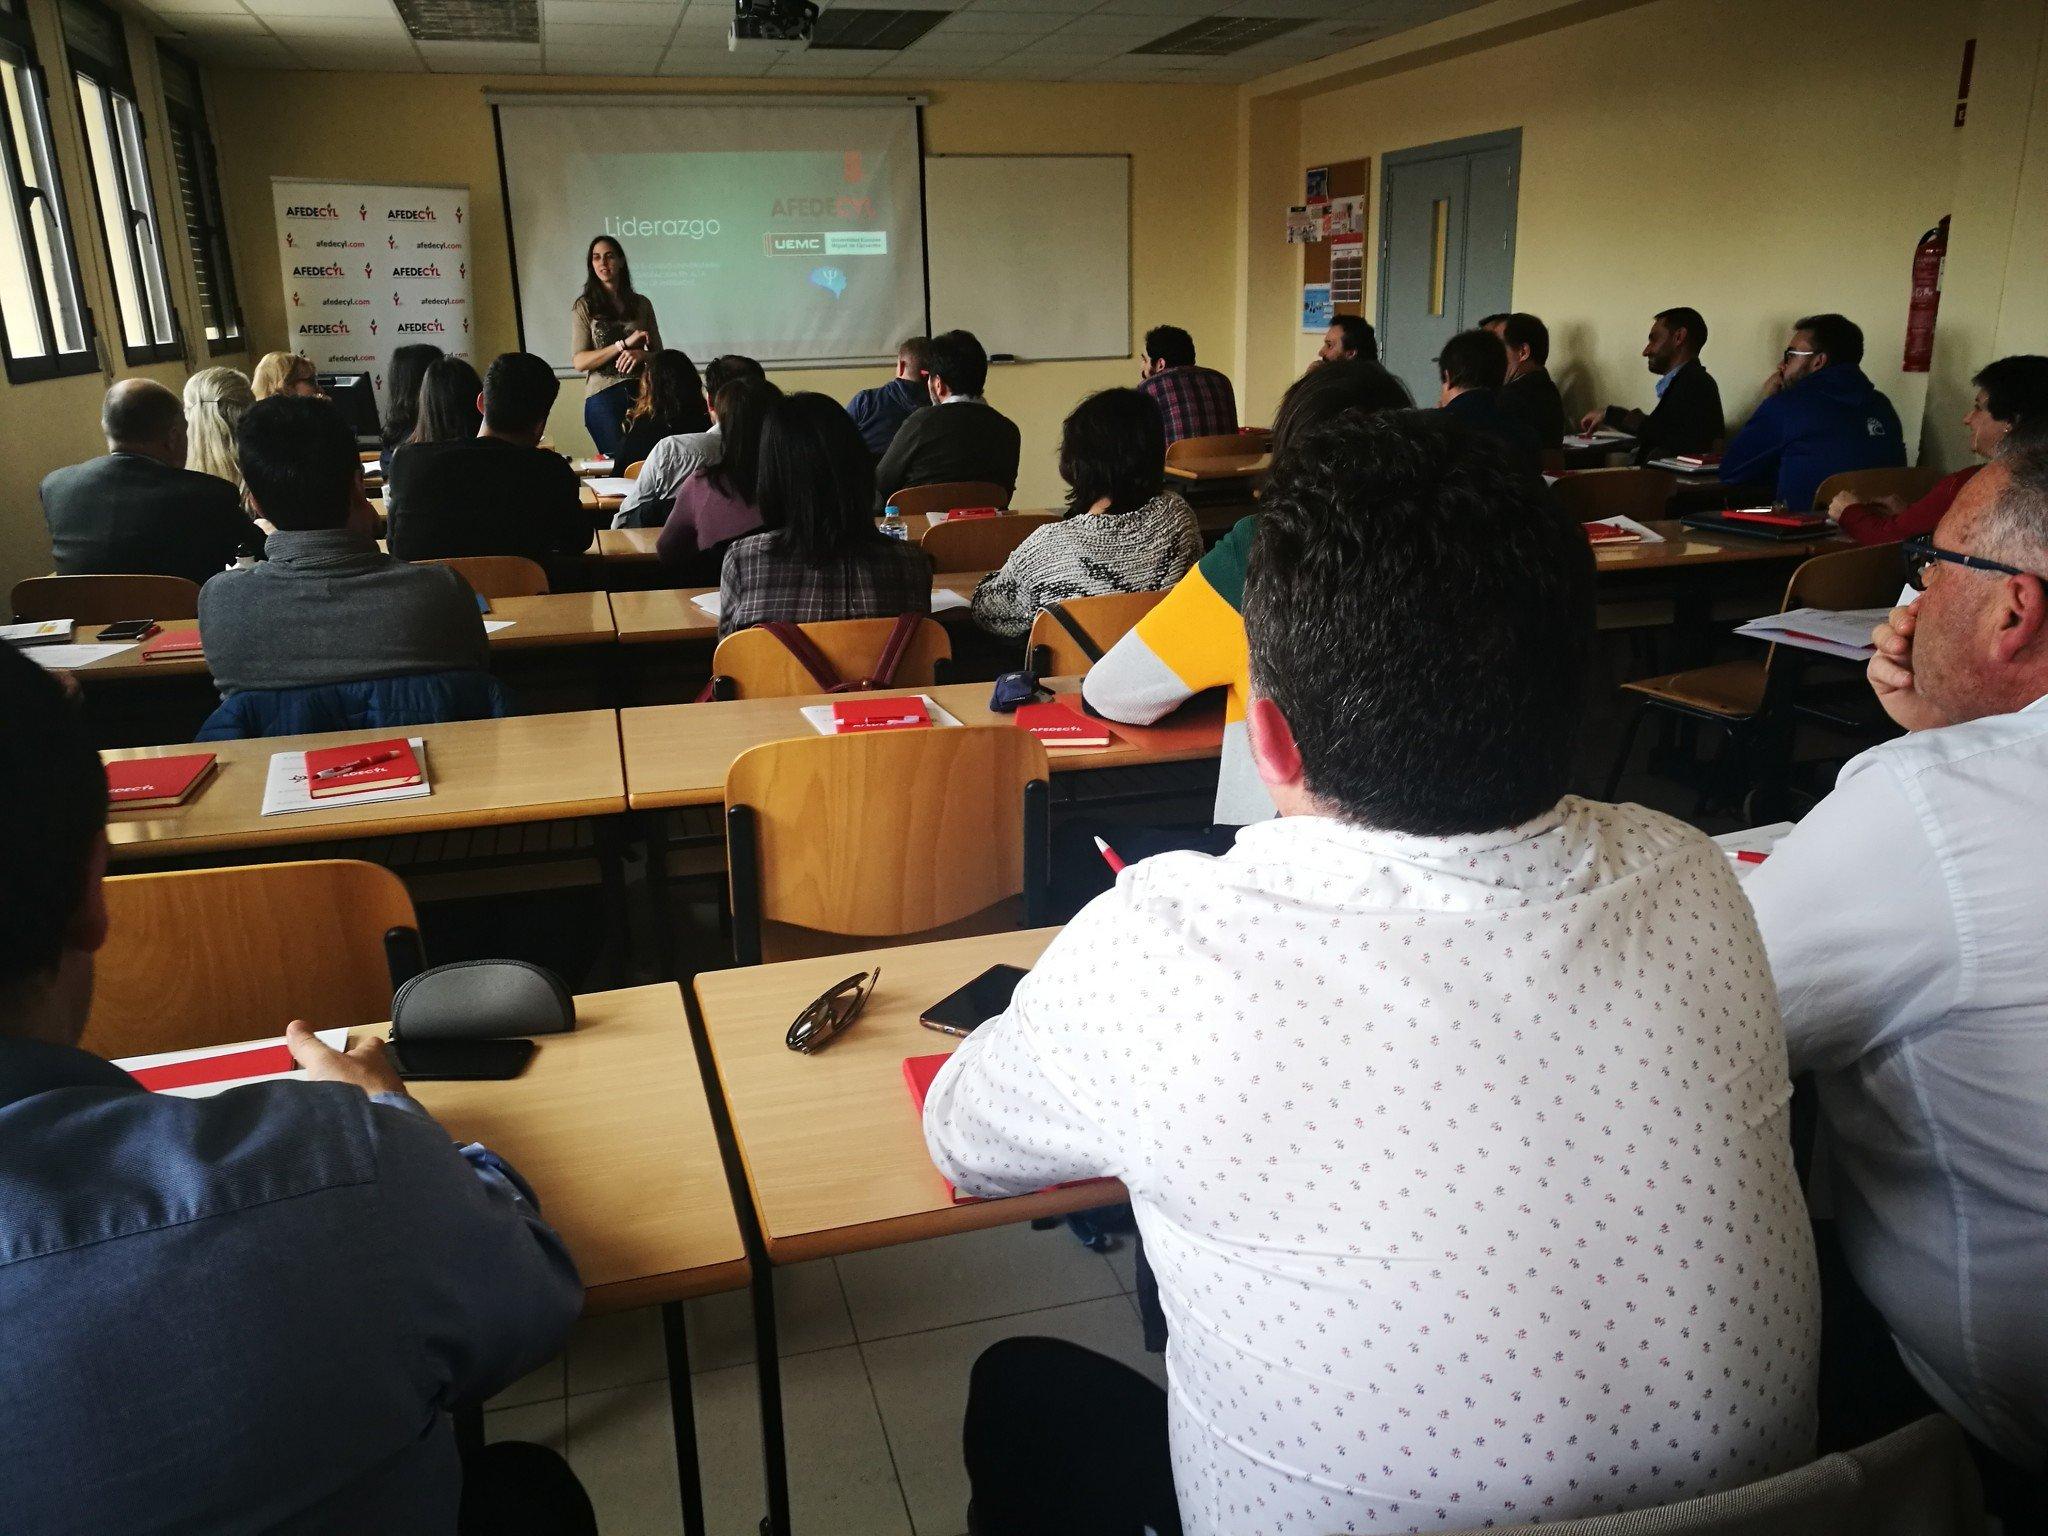 'Liderazgo' de la psicóloga Lara Jiménez inaugura el curso de Dirección de Entidades Deportivas, organizado por AFEDECYL